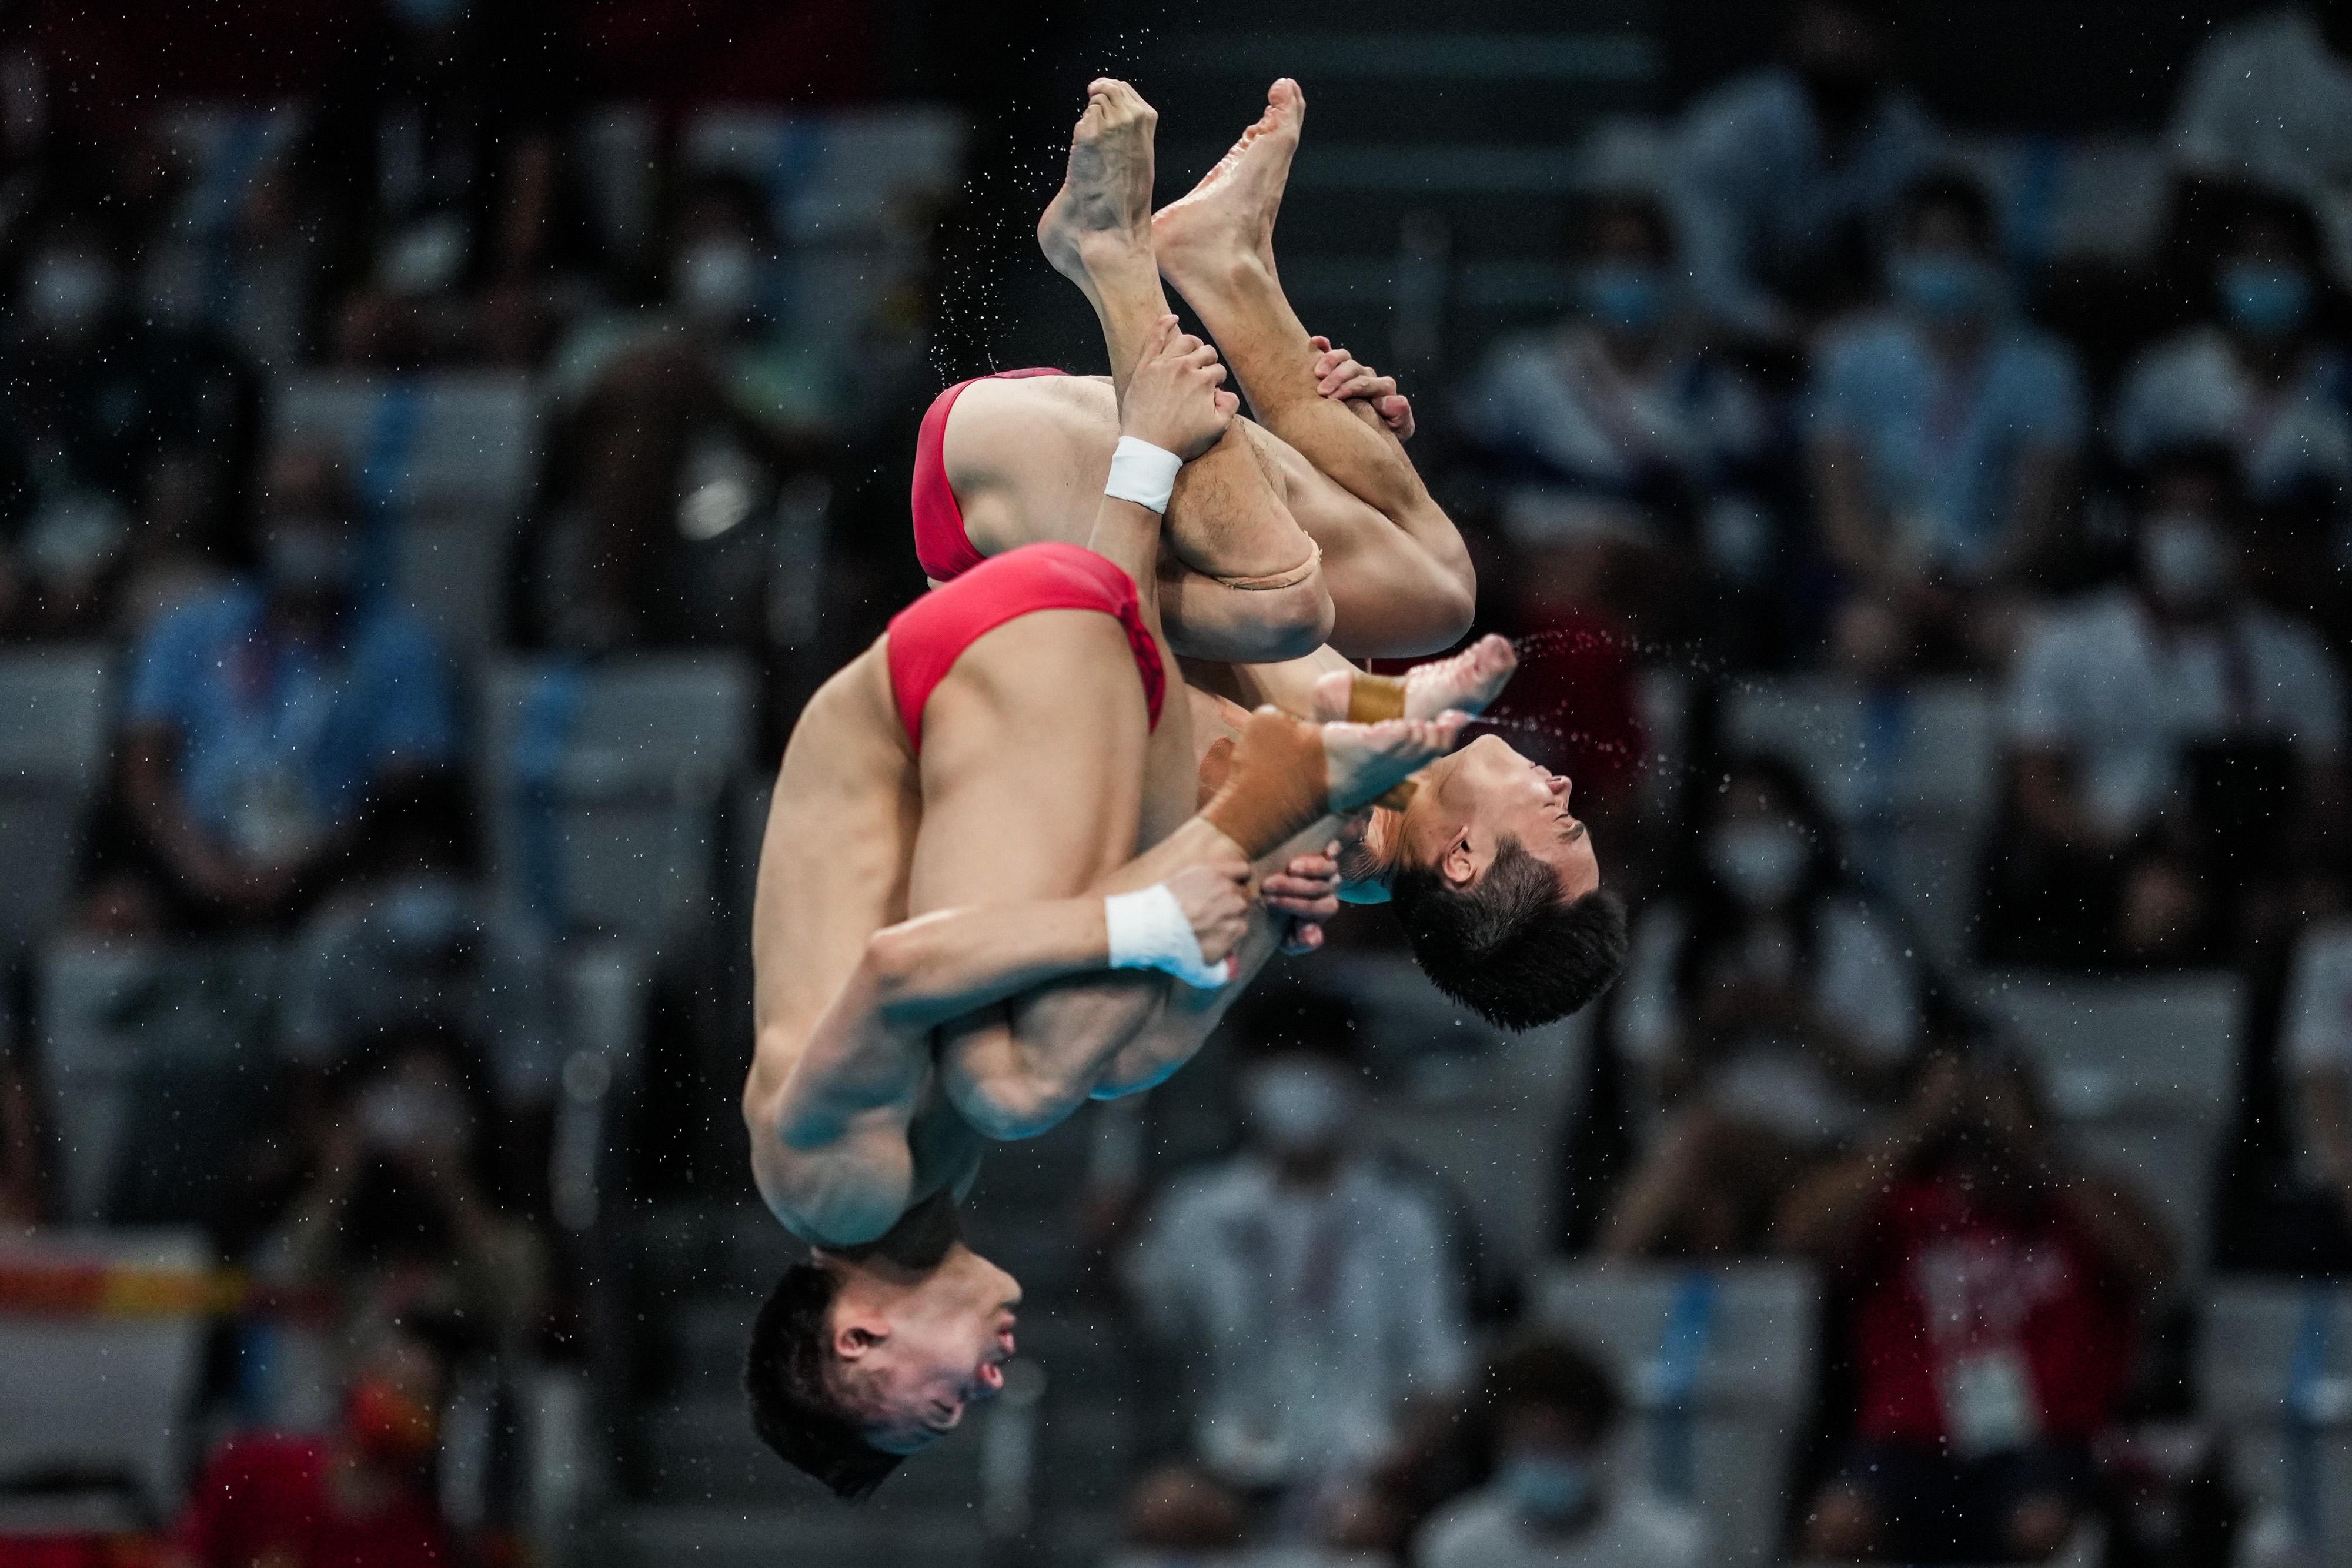 中国跳水组合第四跳出现失误,该动作只排在那一轮第六位。